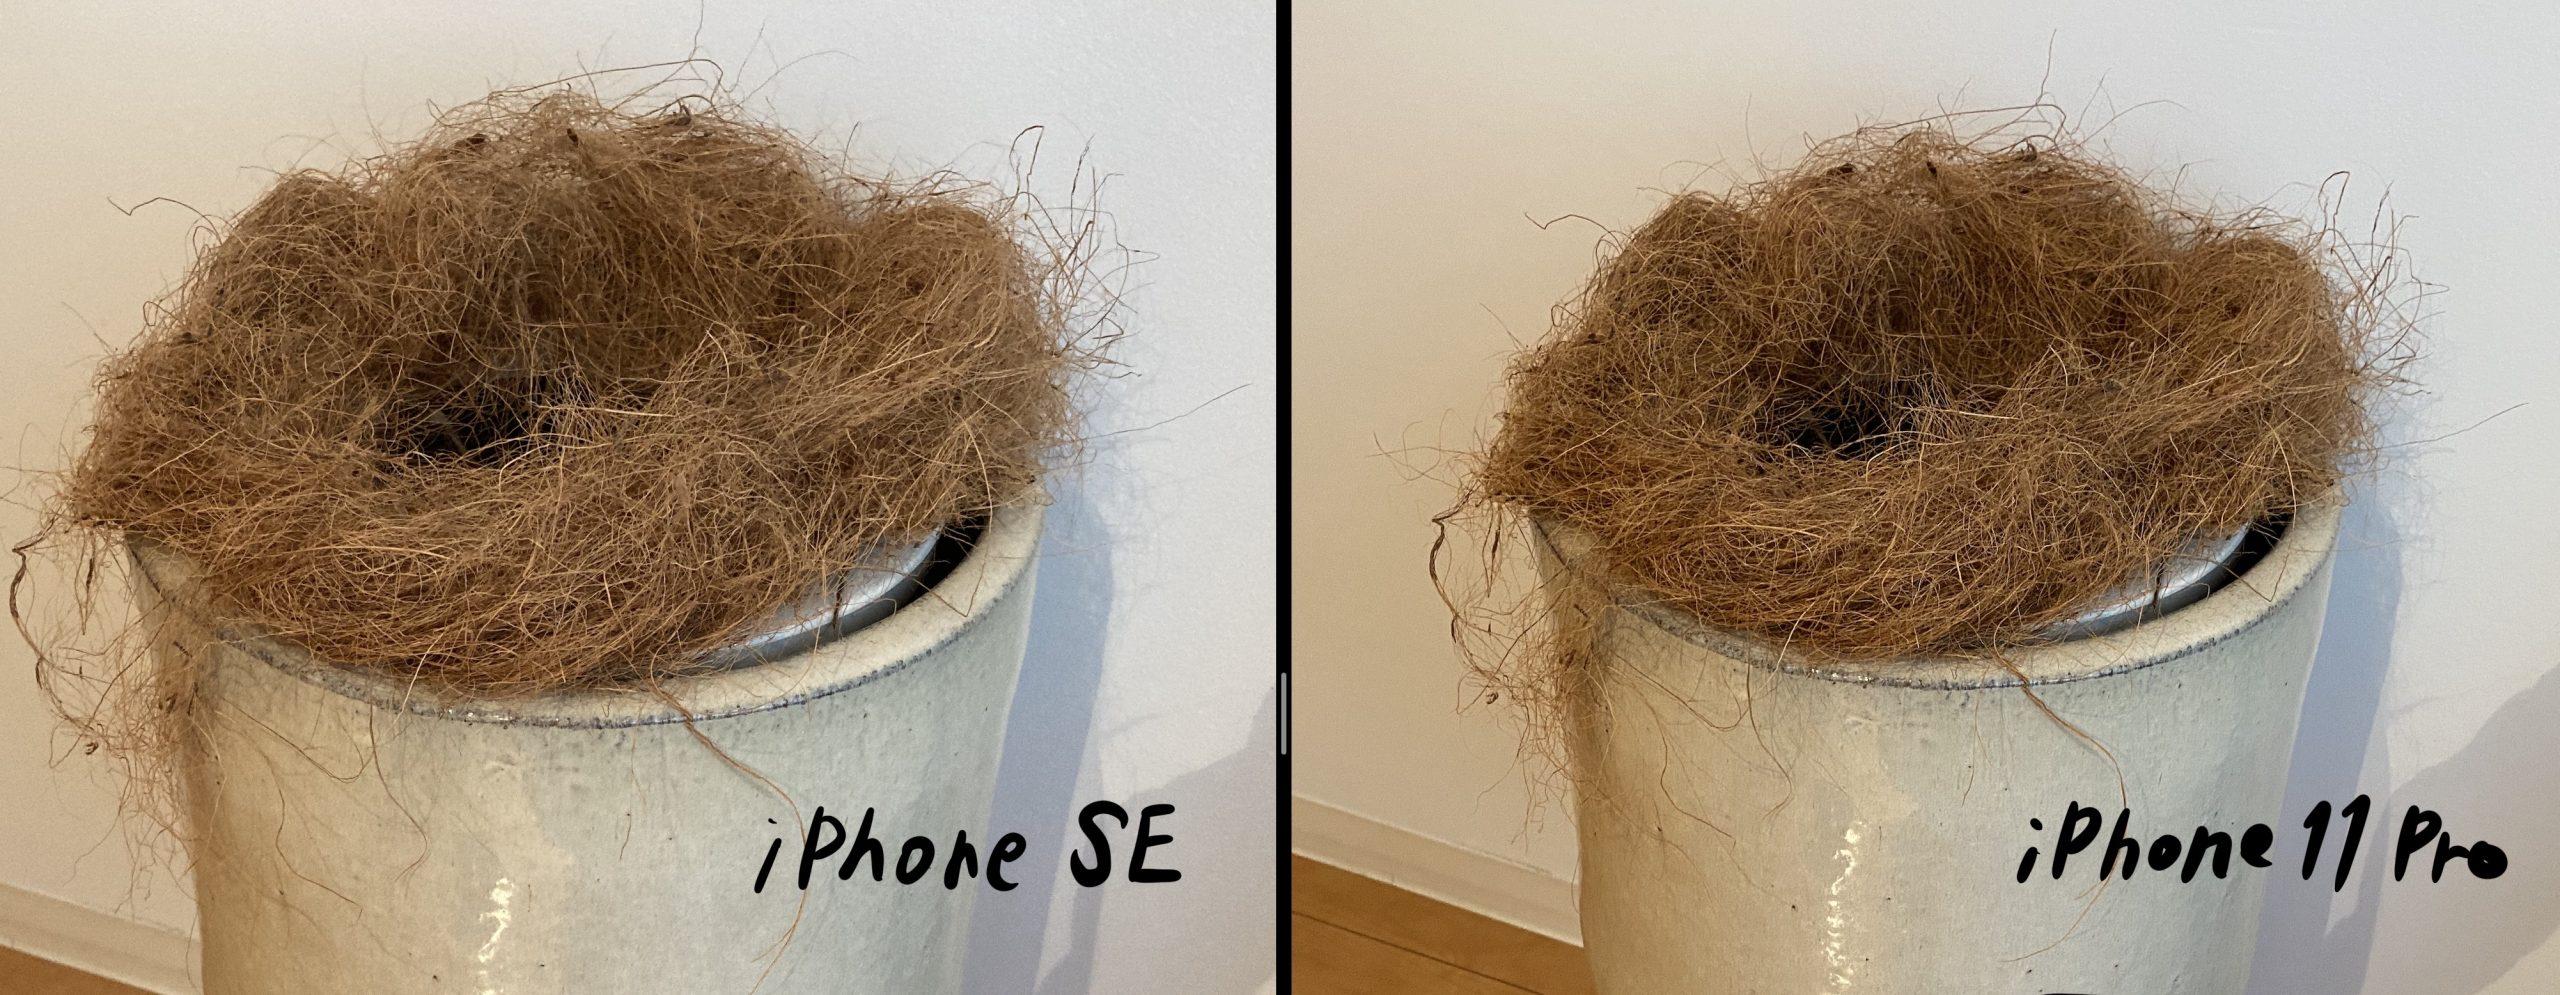 iPhoneSE-11Pro写真比較